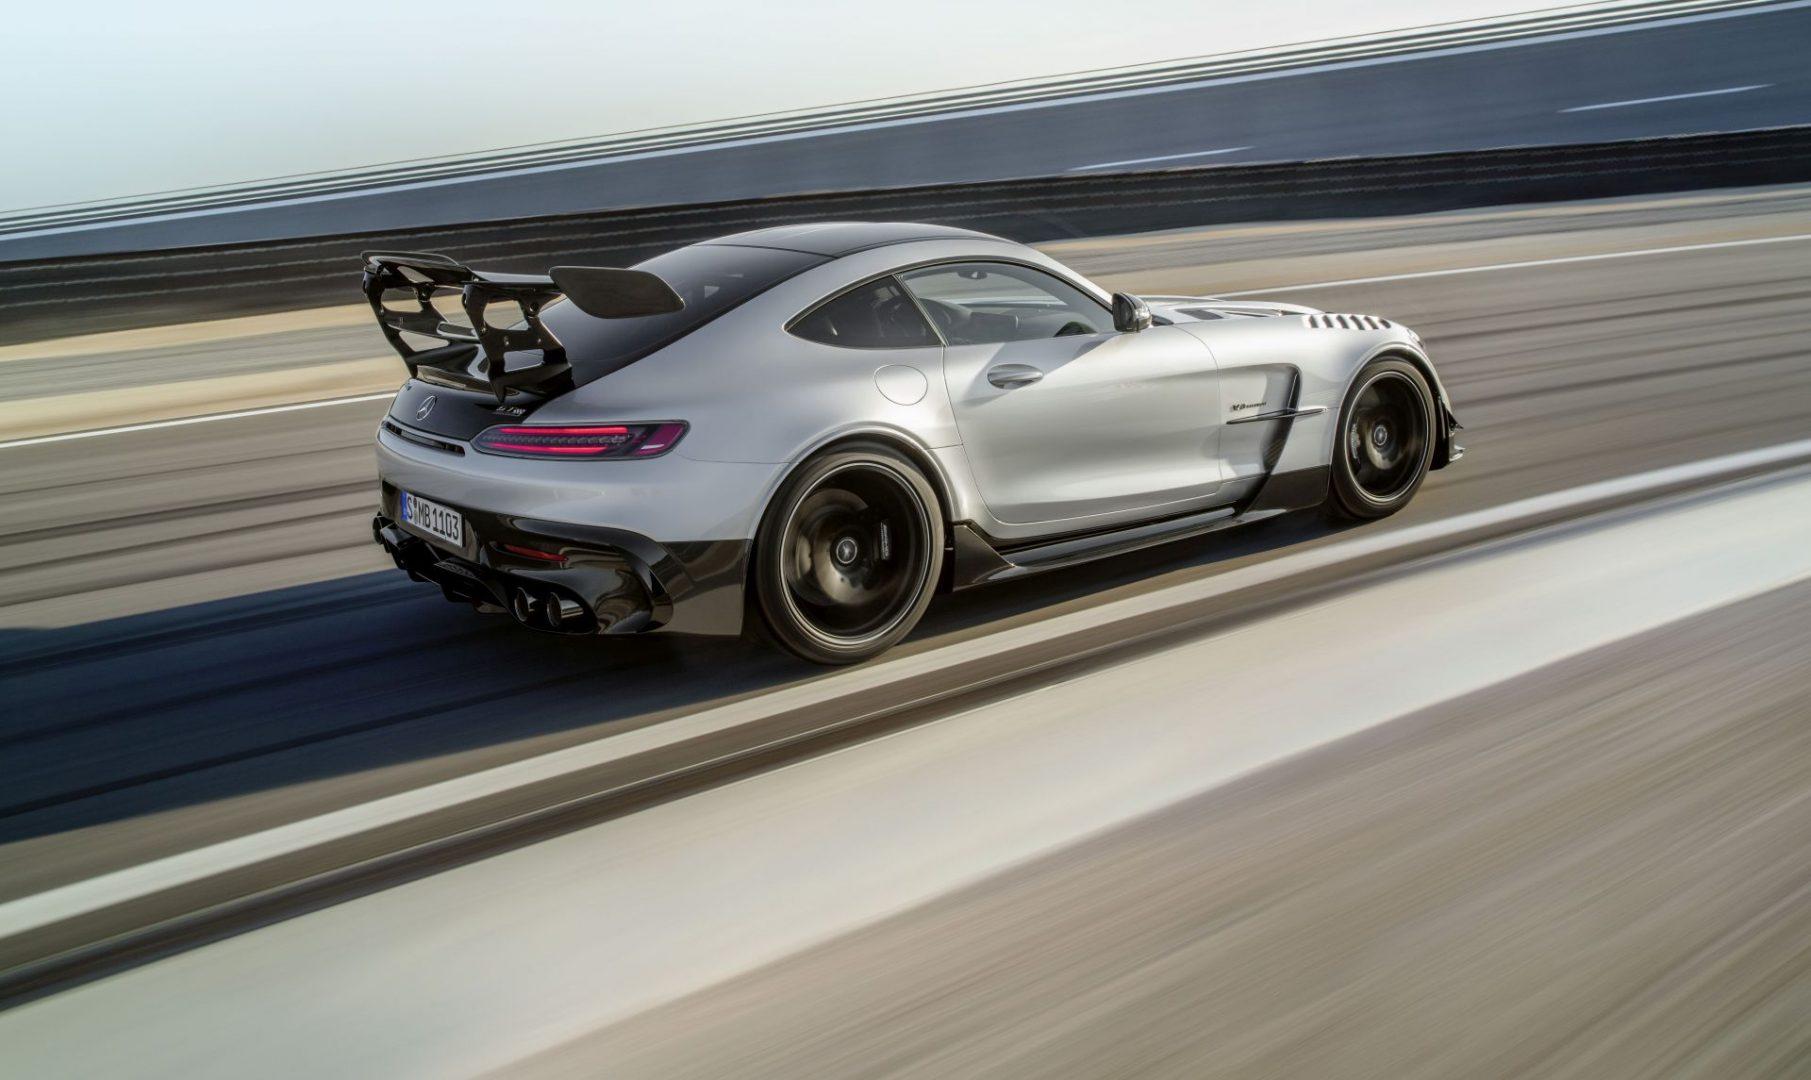 Predstavljen je 730 KS snažan Mercedes-AMG GT Black Series